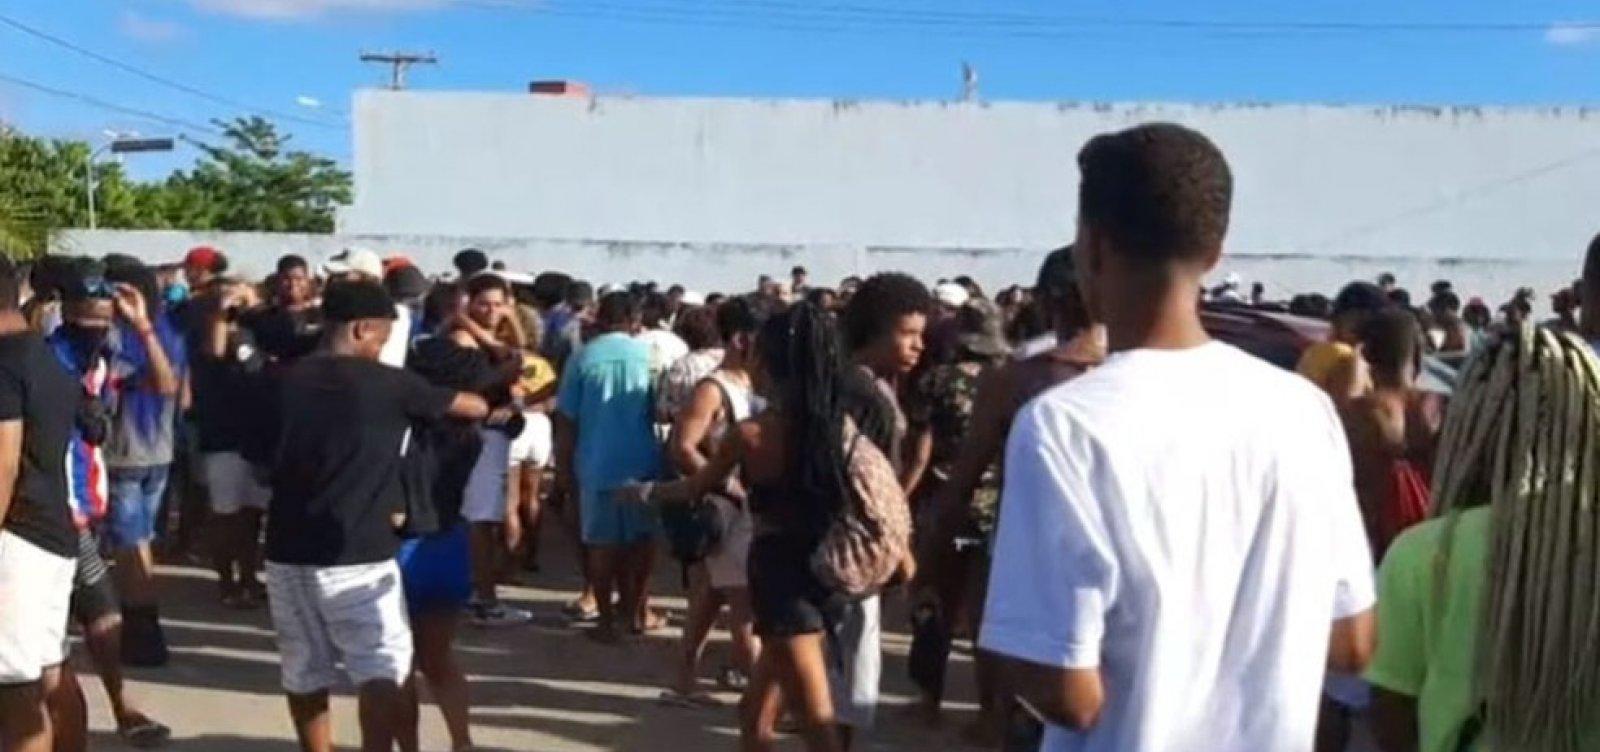 [Polícia encerra festa clandestina com 400 pessoas em Itapuã]